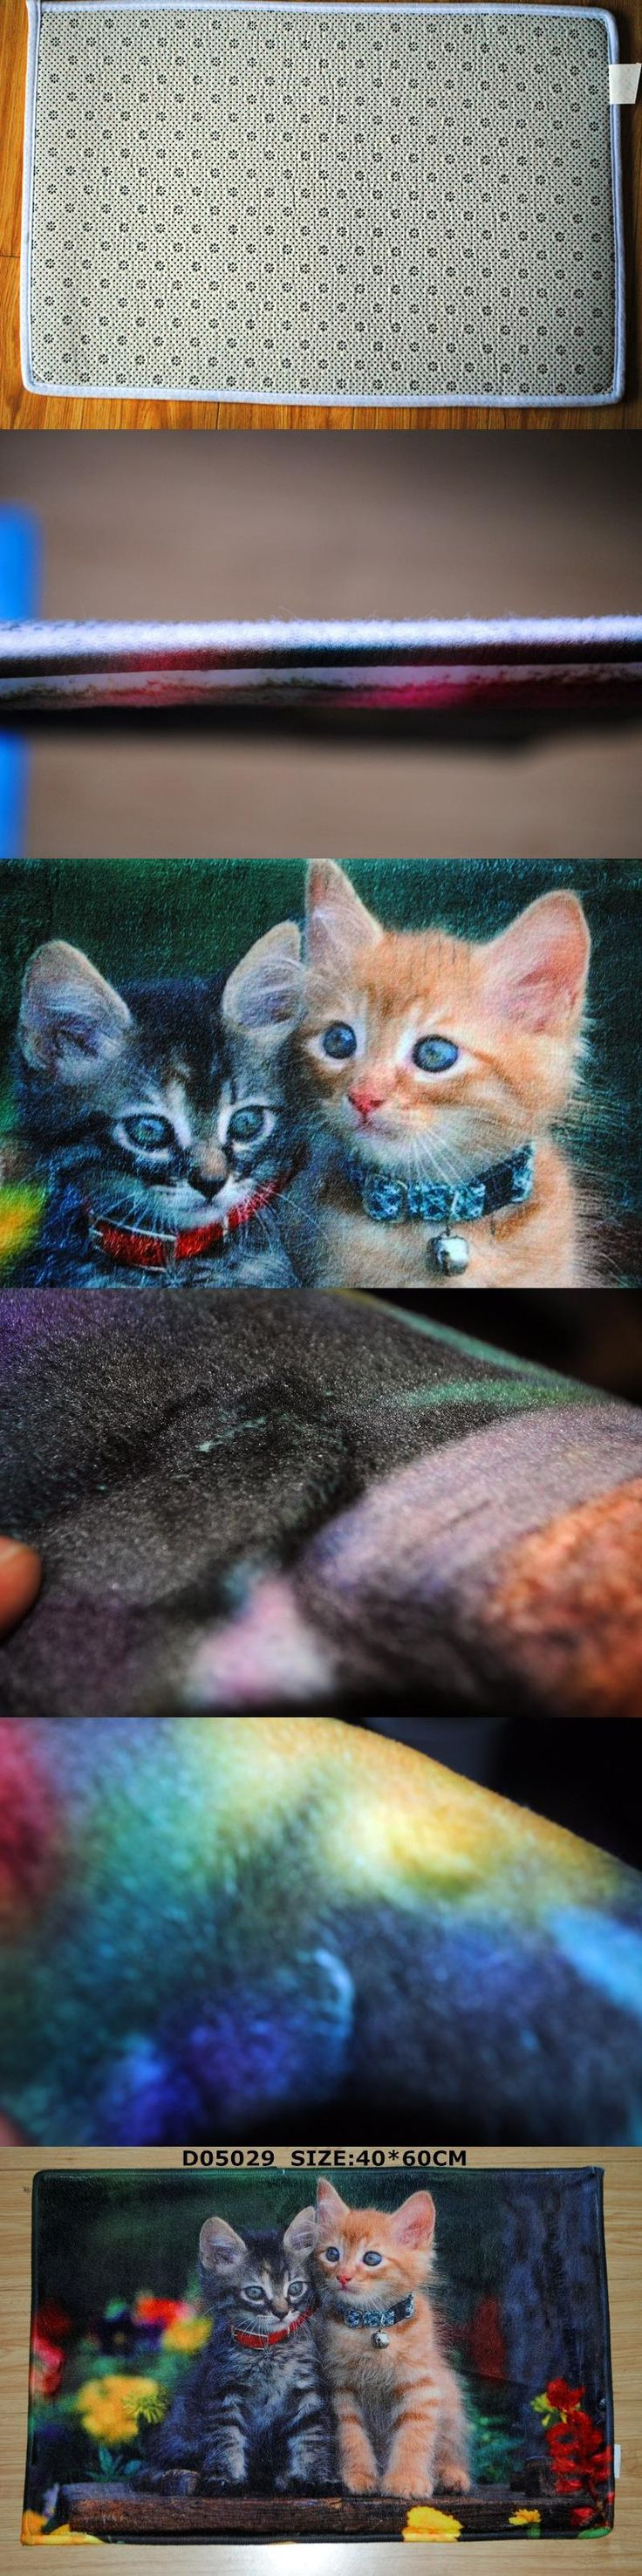 dark ragdoll cat